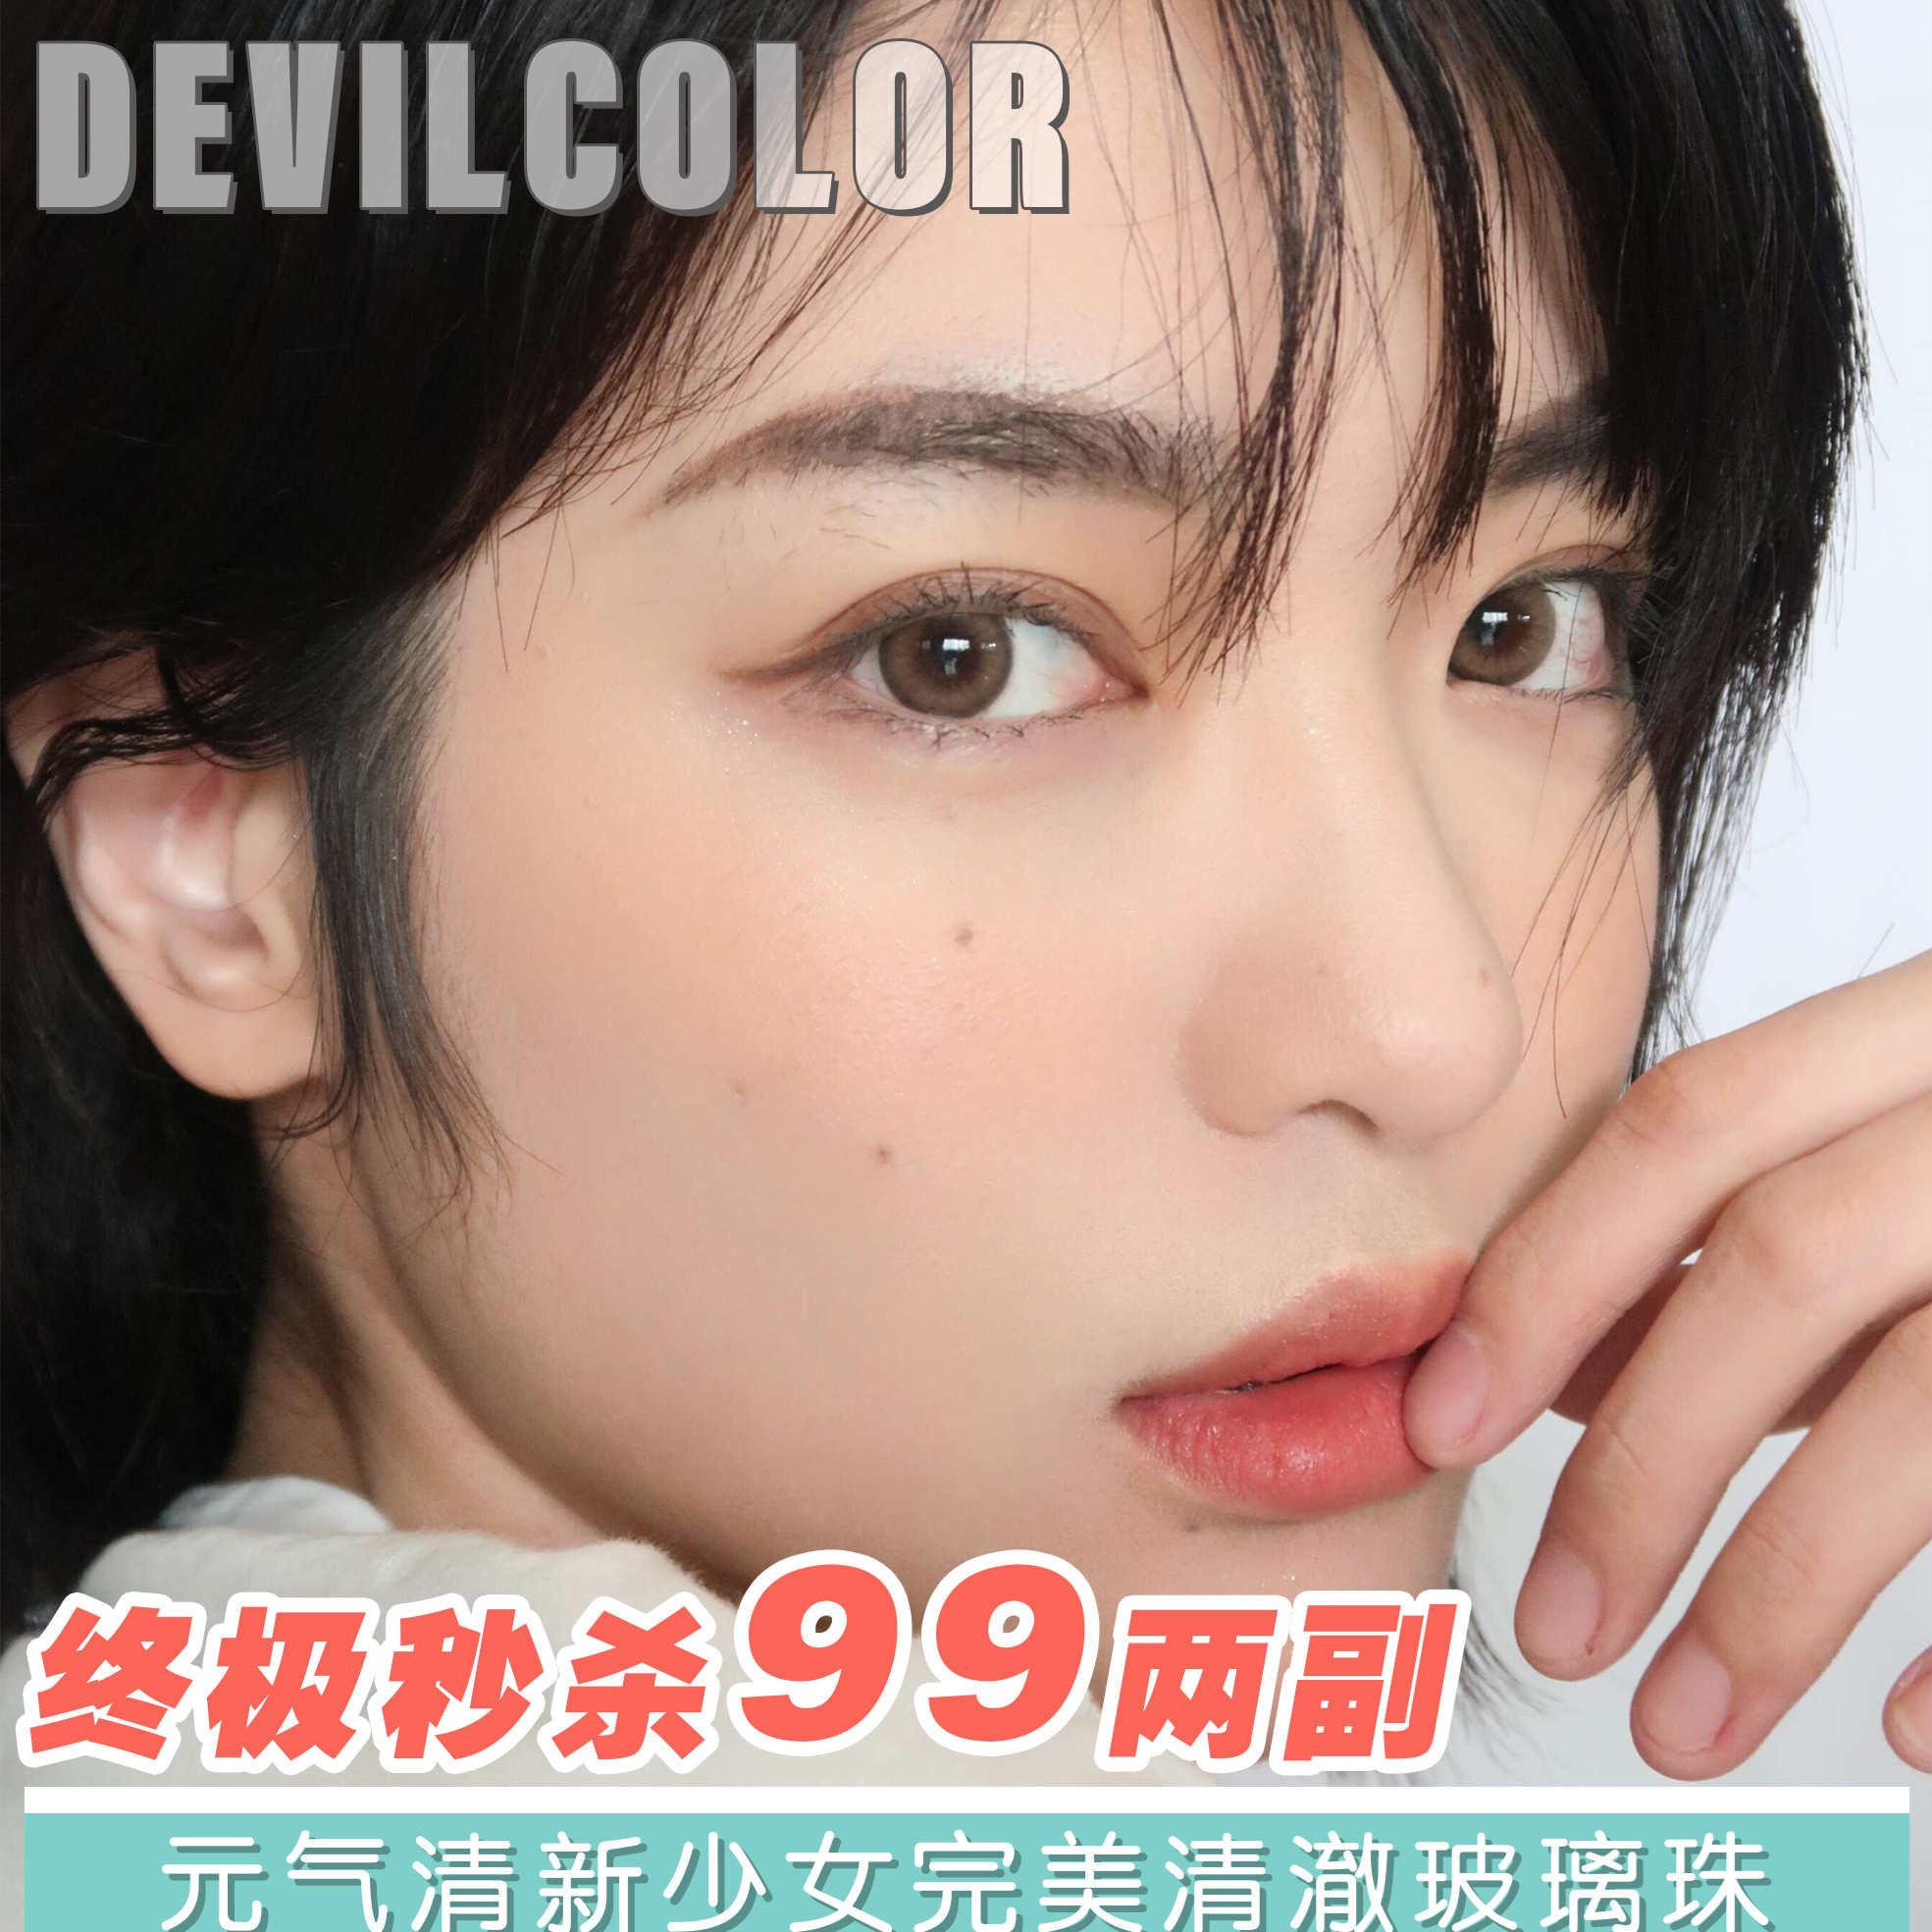 Devilcolor美瞳 终极秒杀